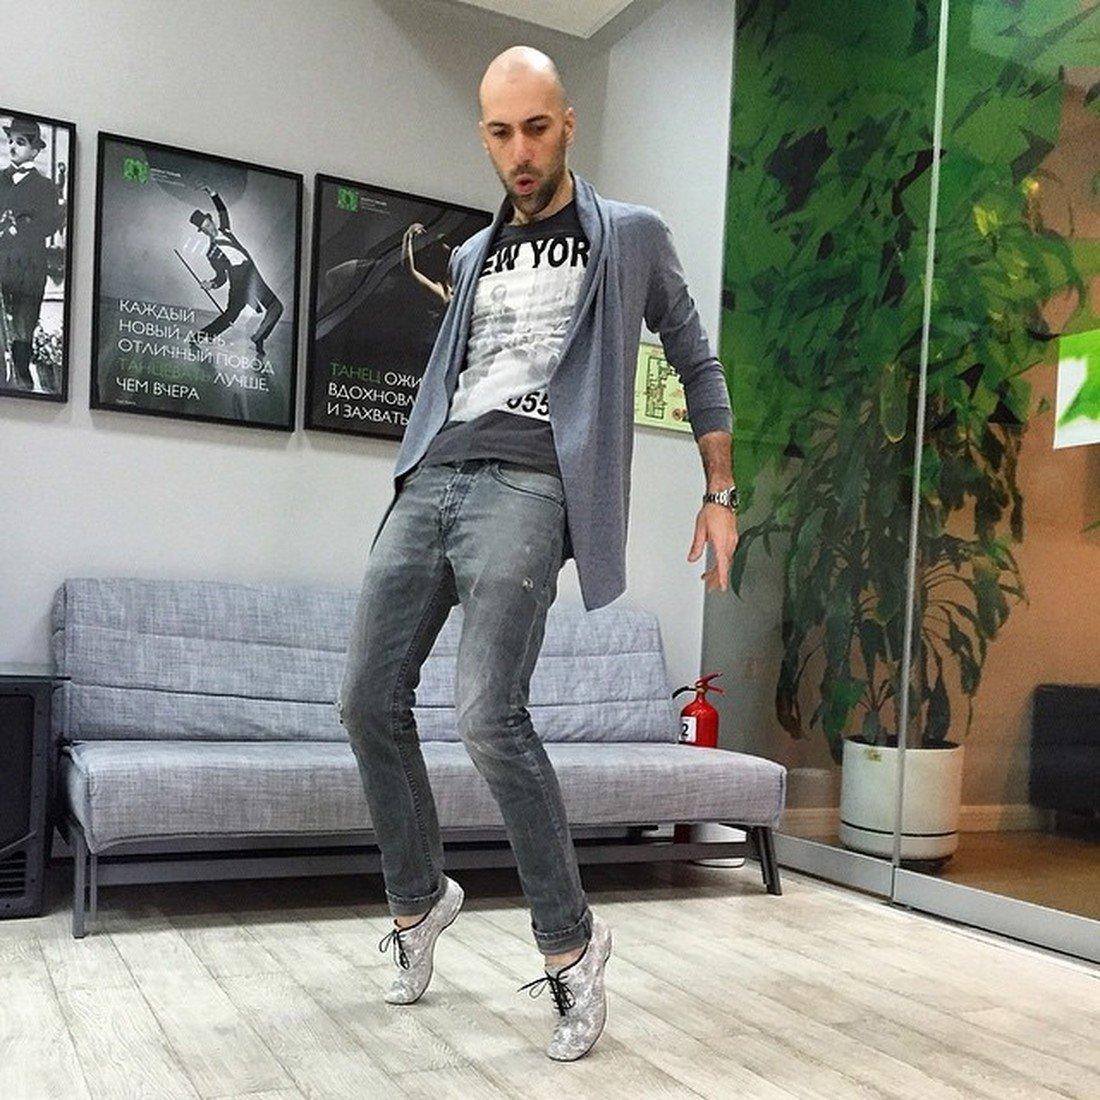 Евгений Папунаишвили.хореограф